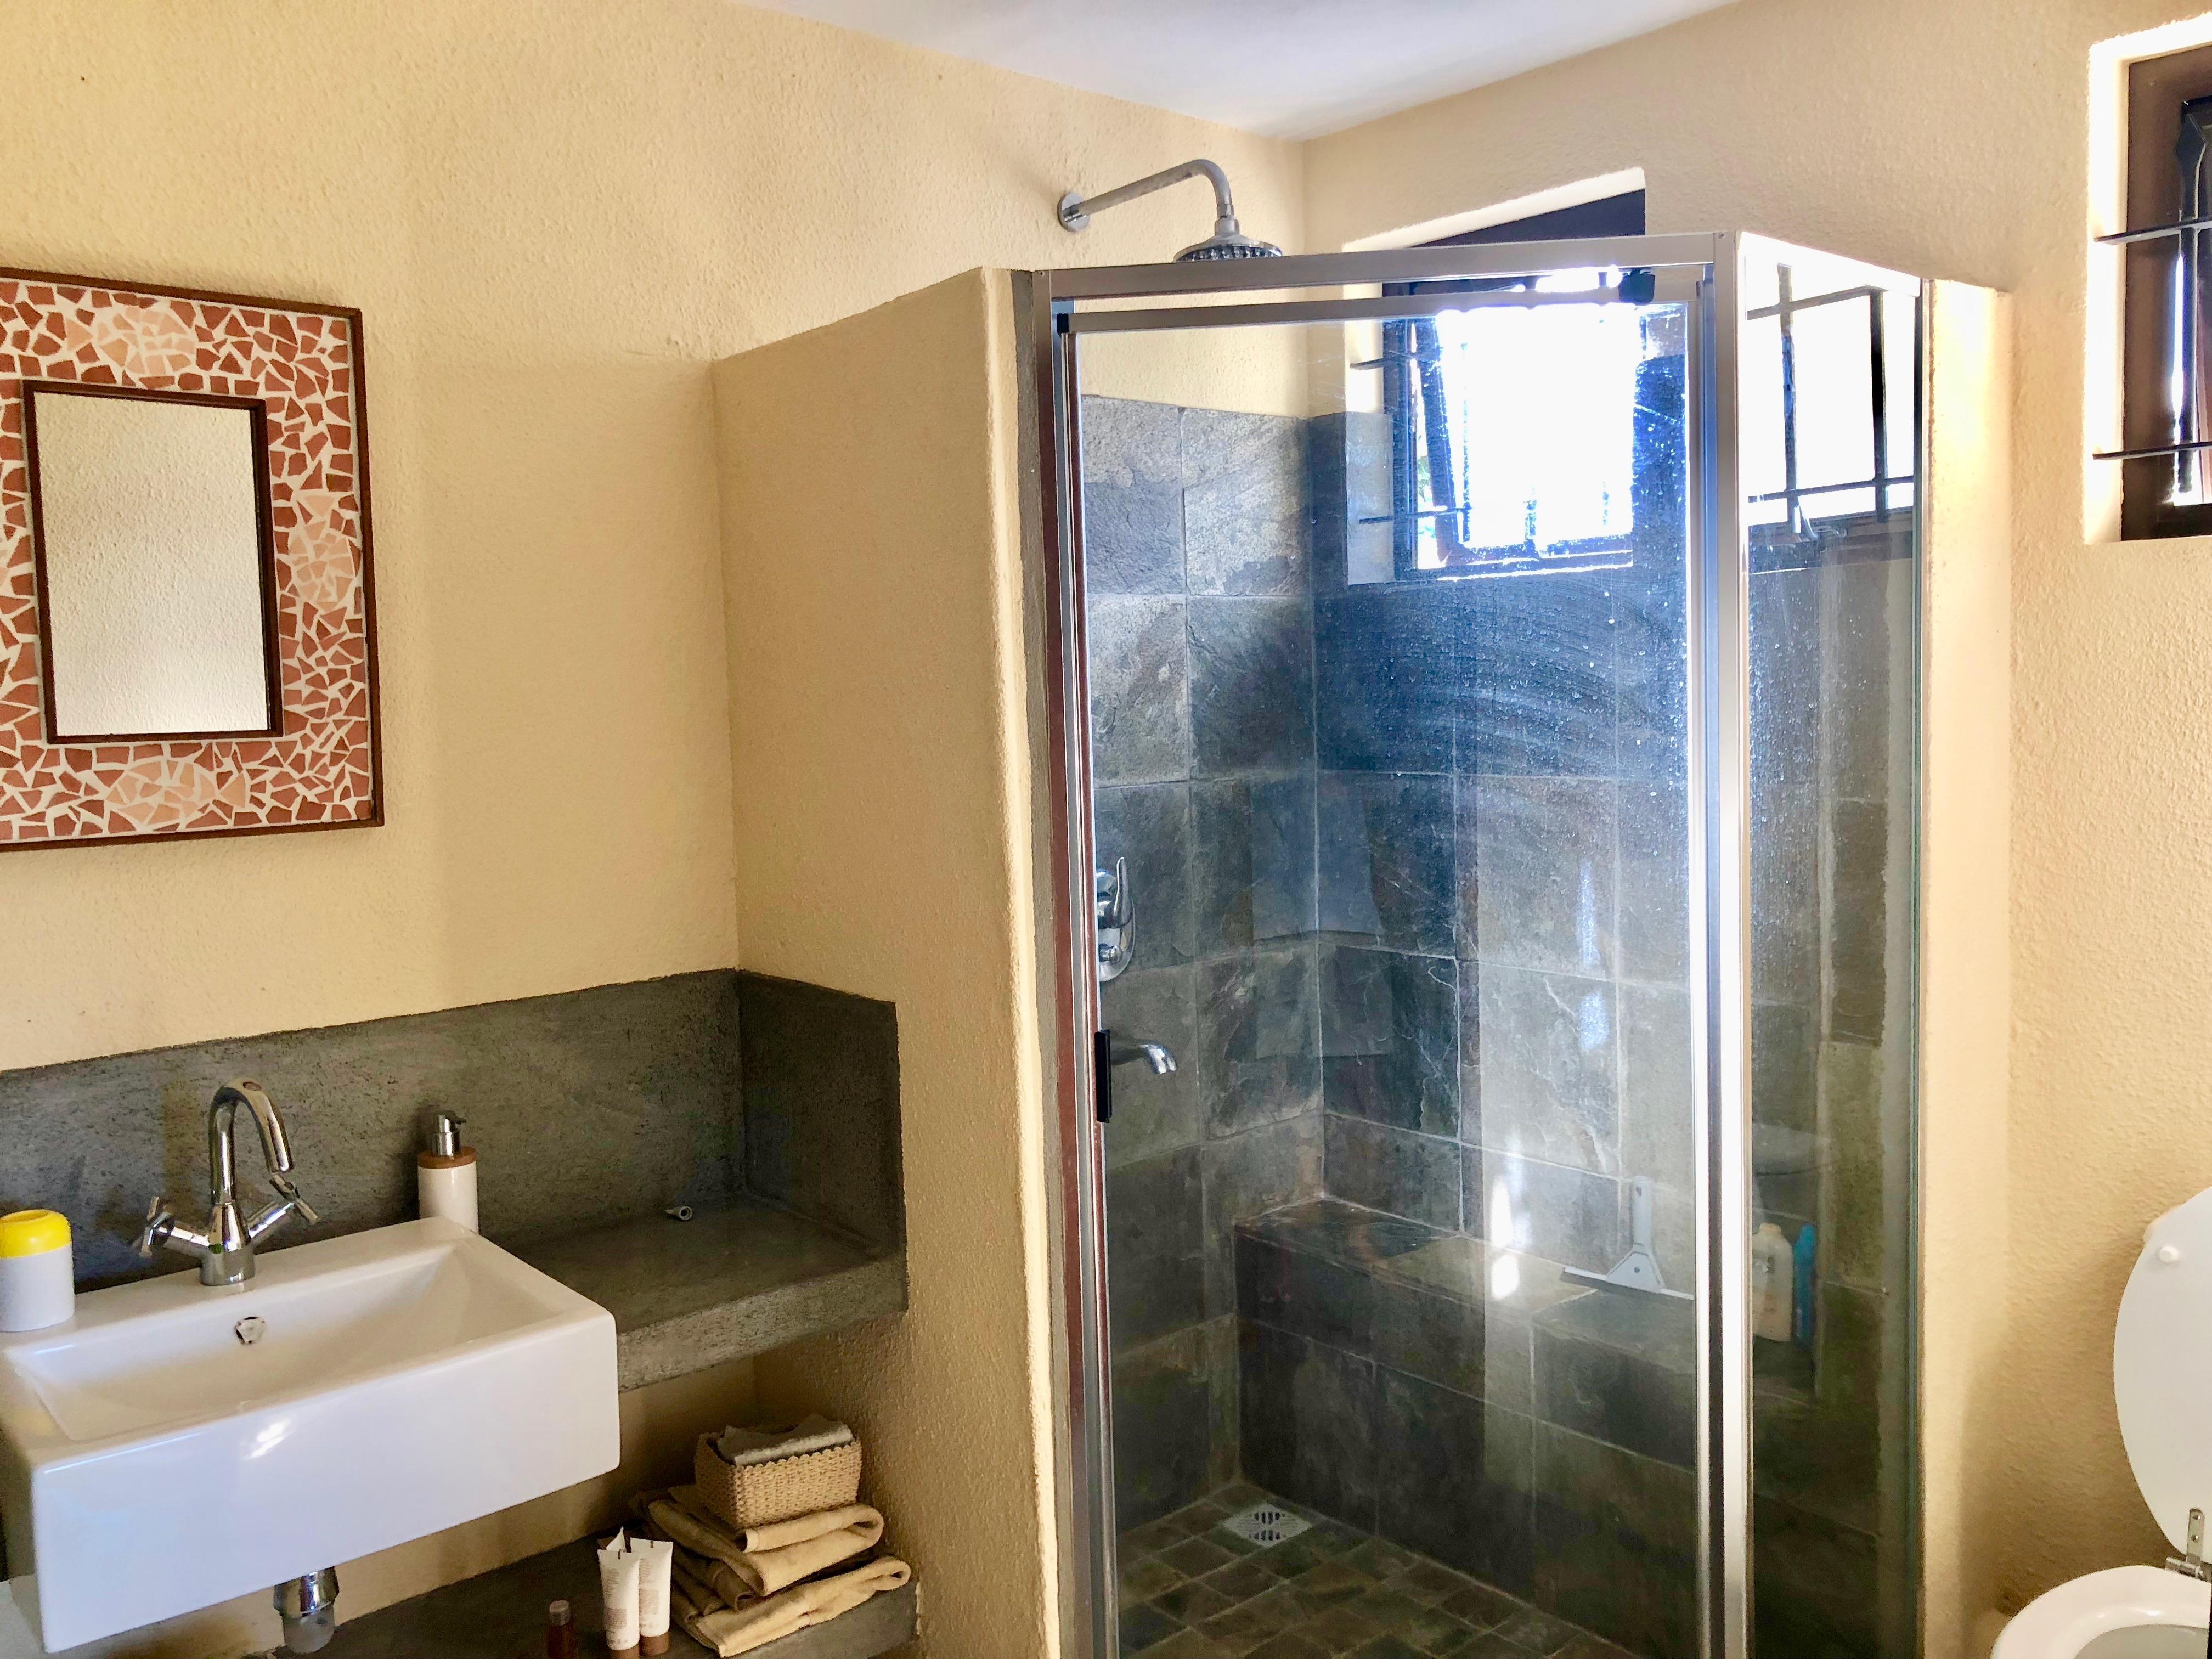 Salle de bain : lavabo, douche & WC